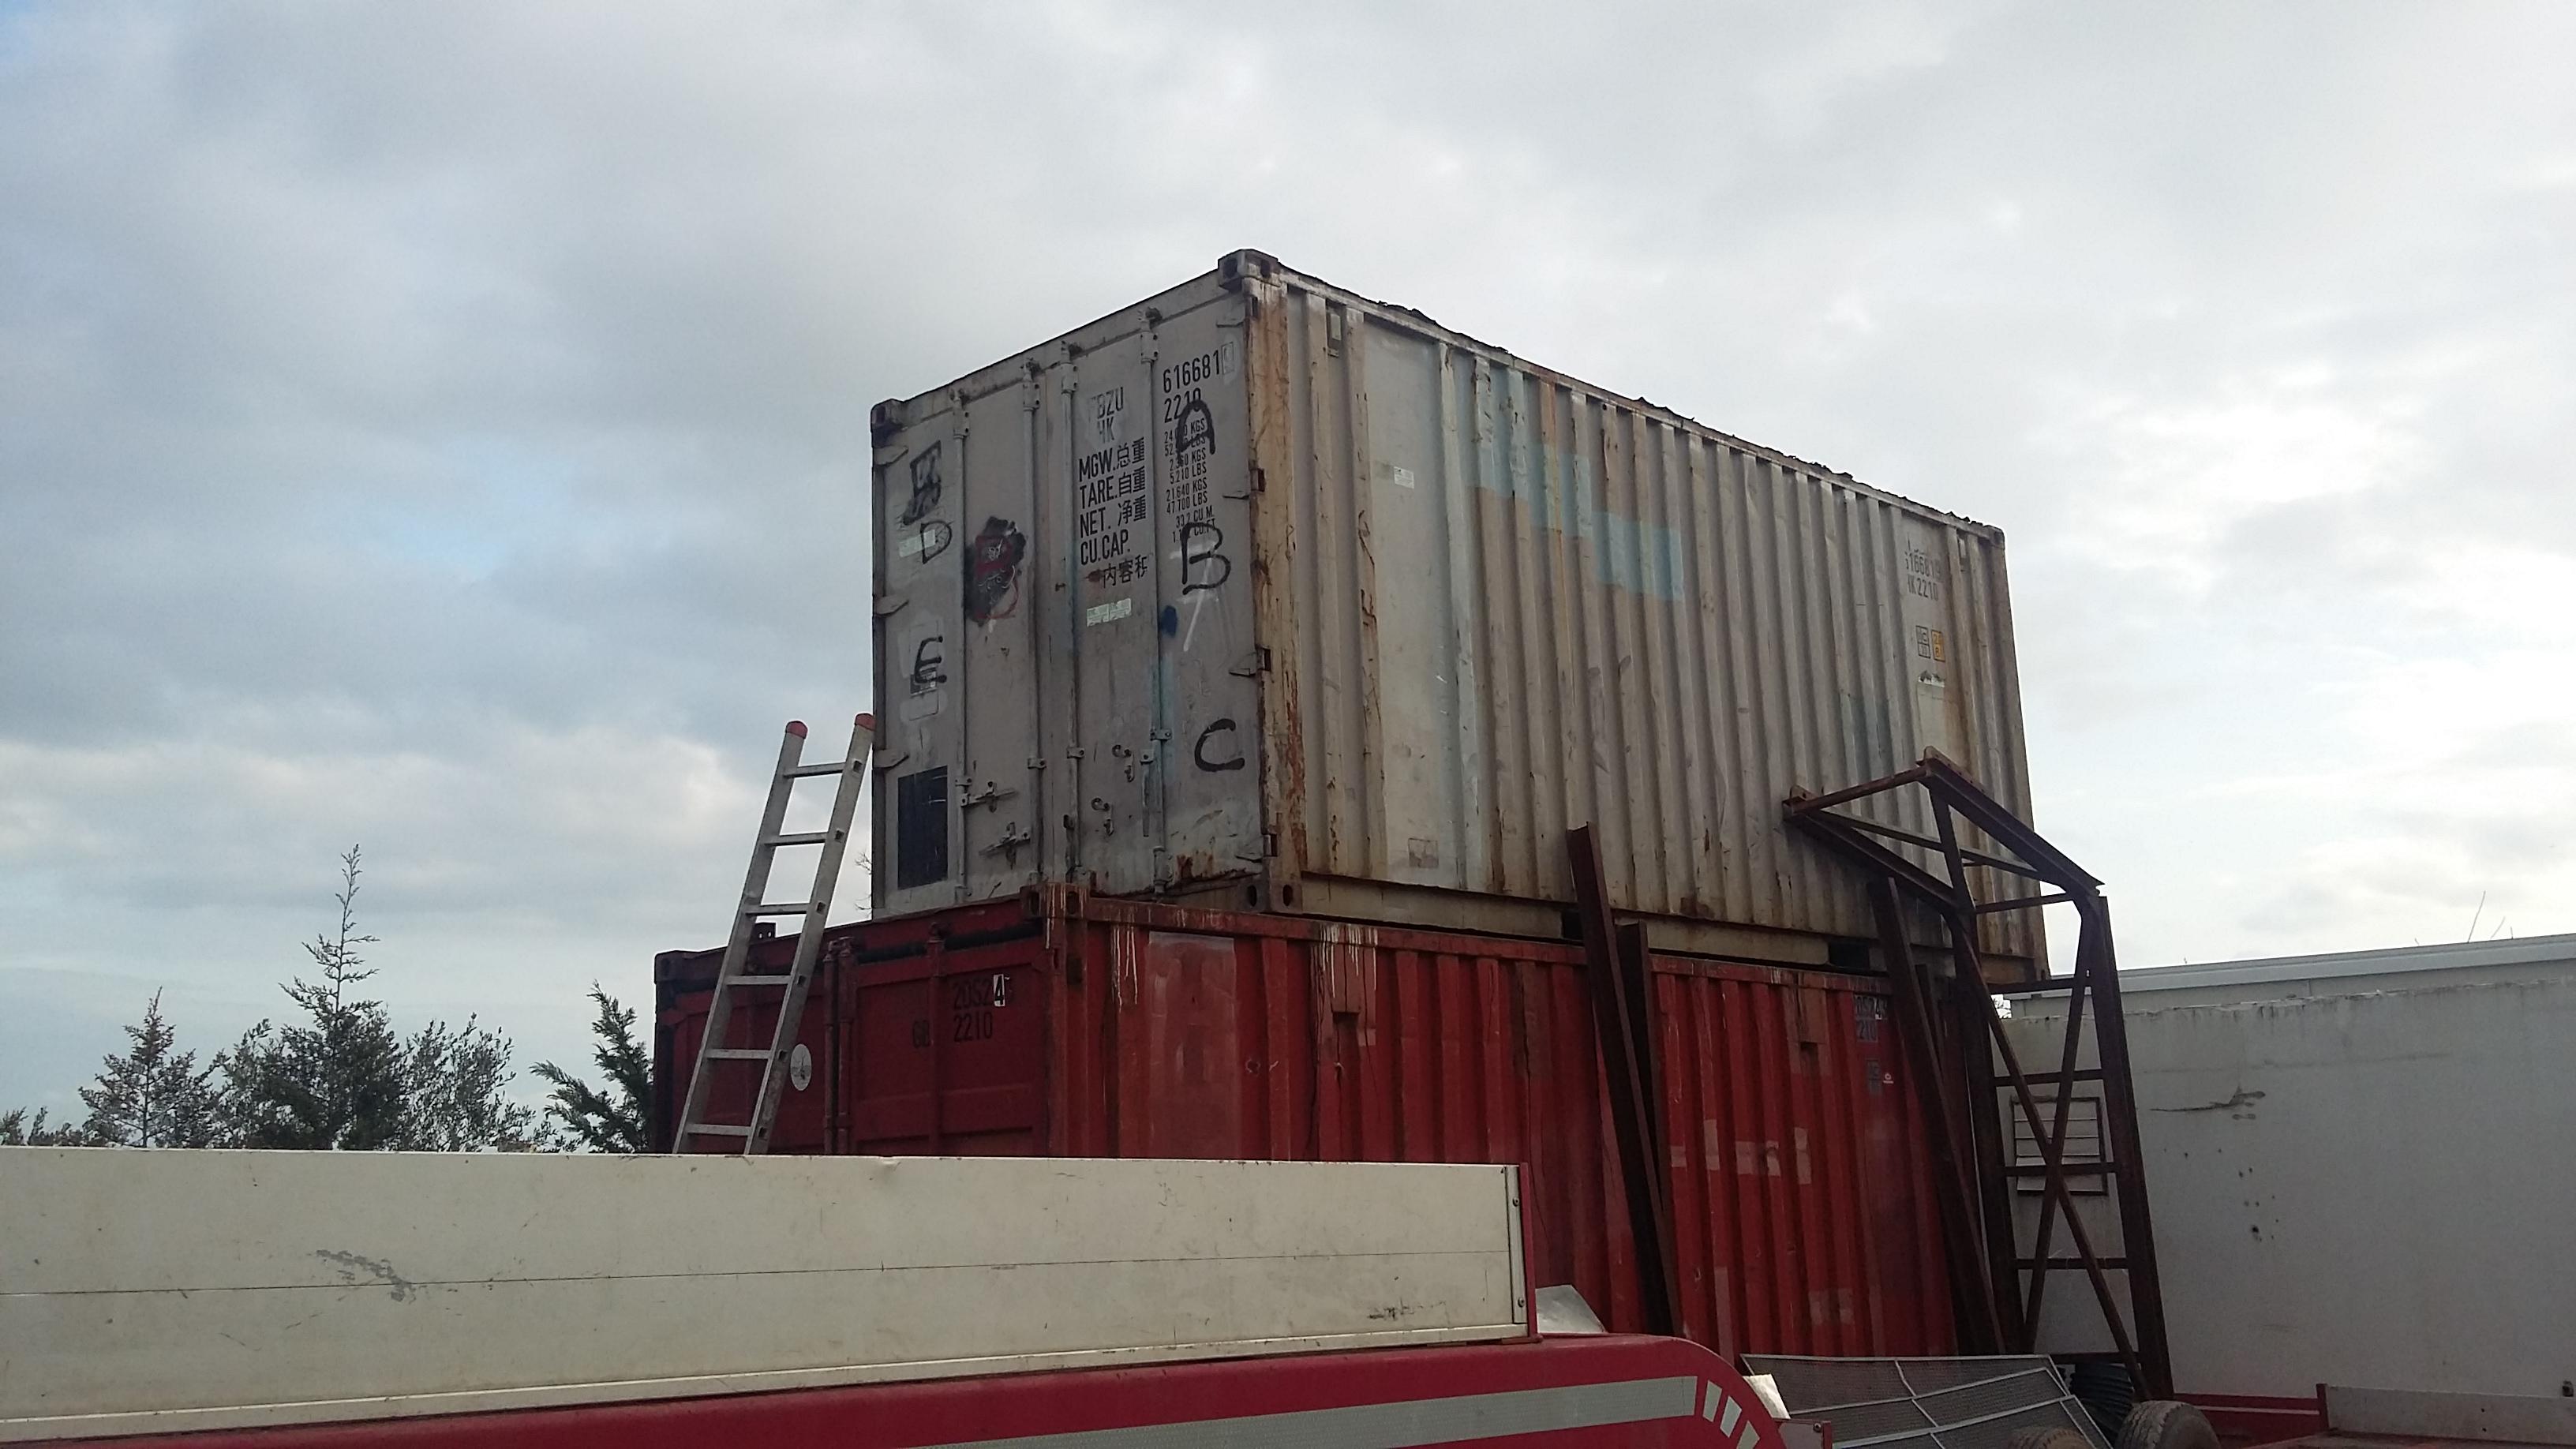 Riminigru autogru e trasporti servizio autogru e gru trasporti e